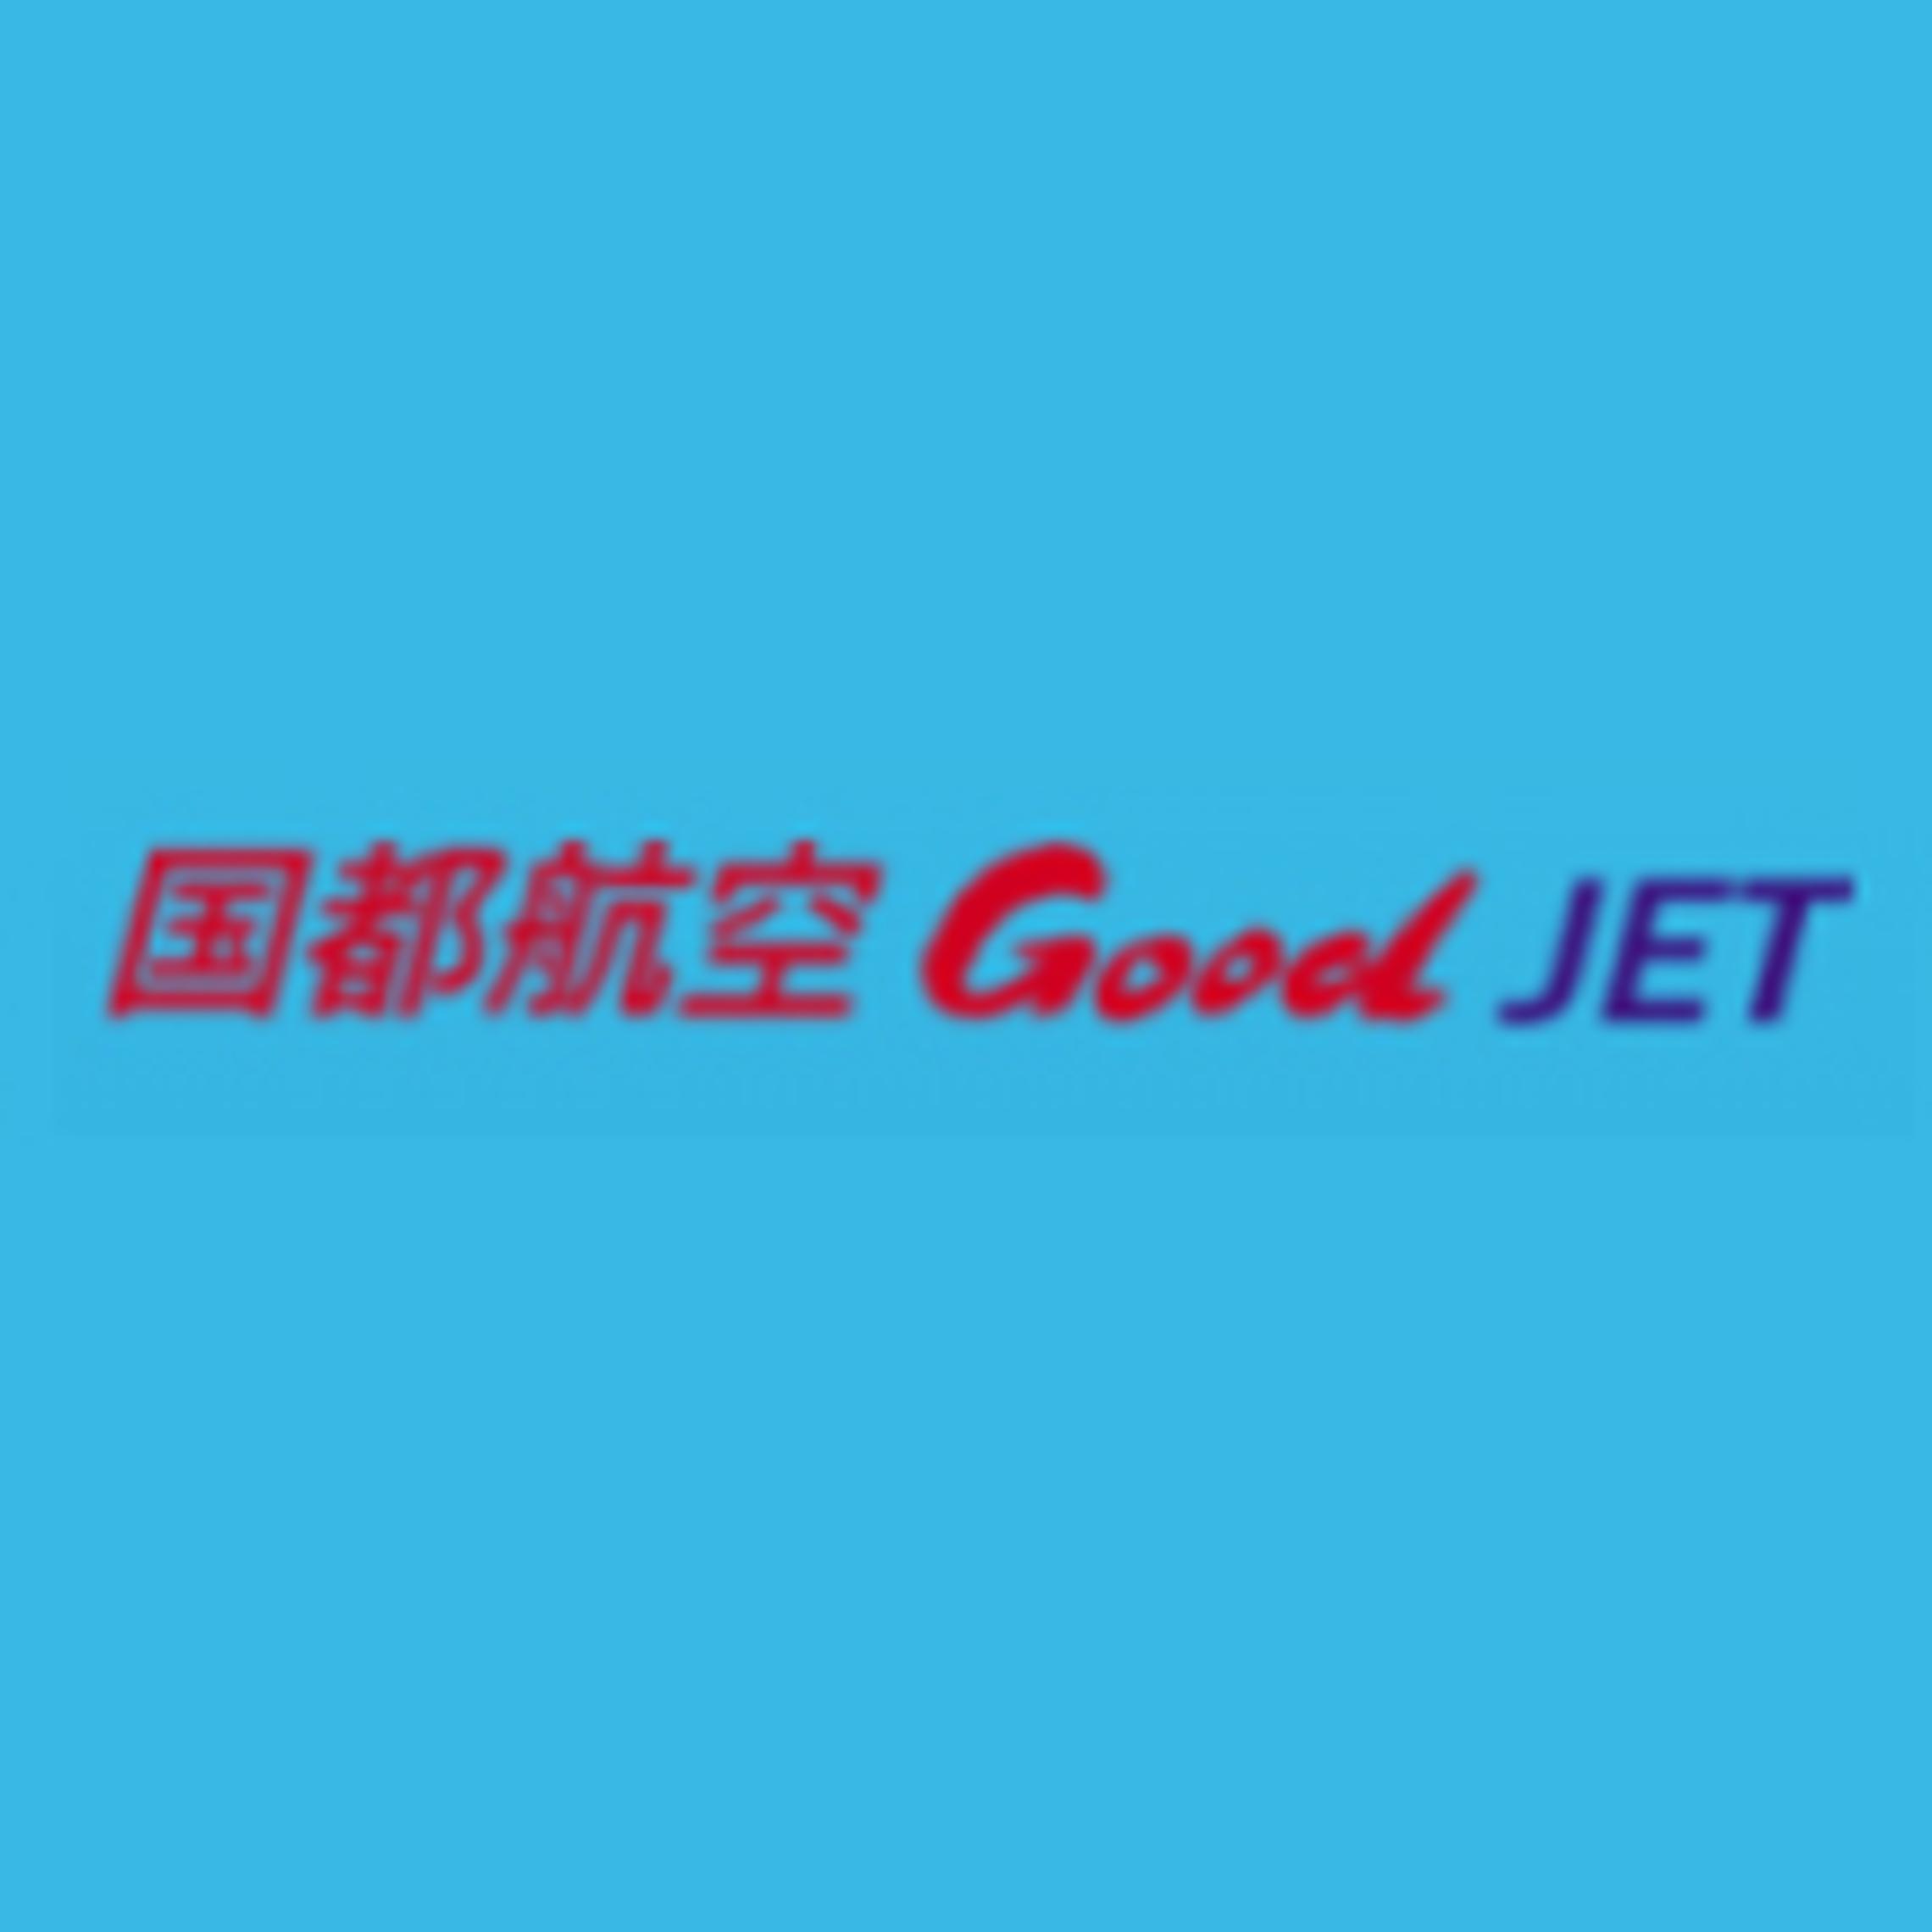 good jet- company logo